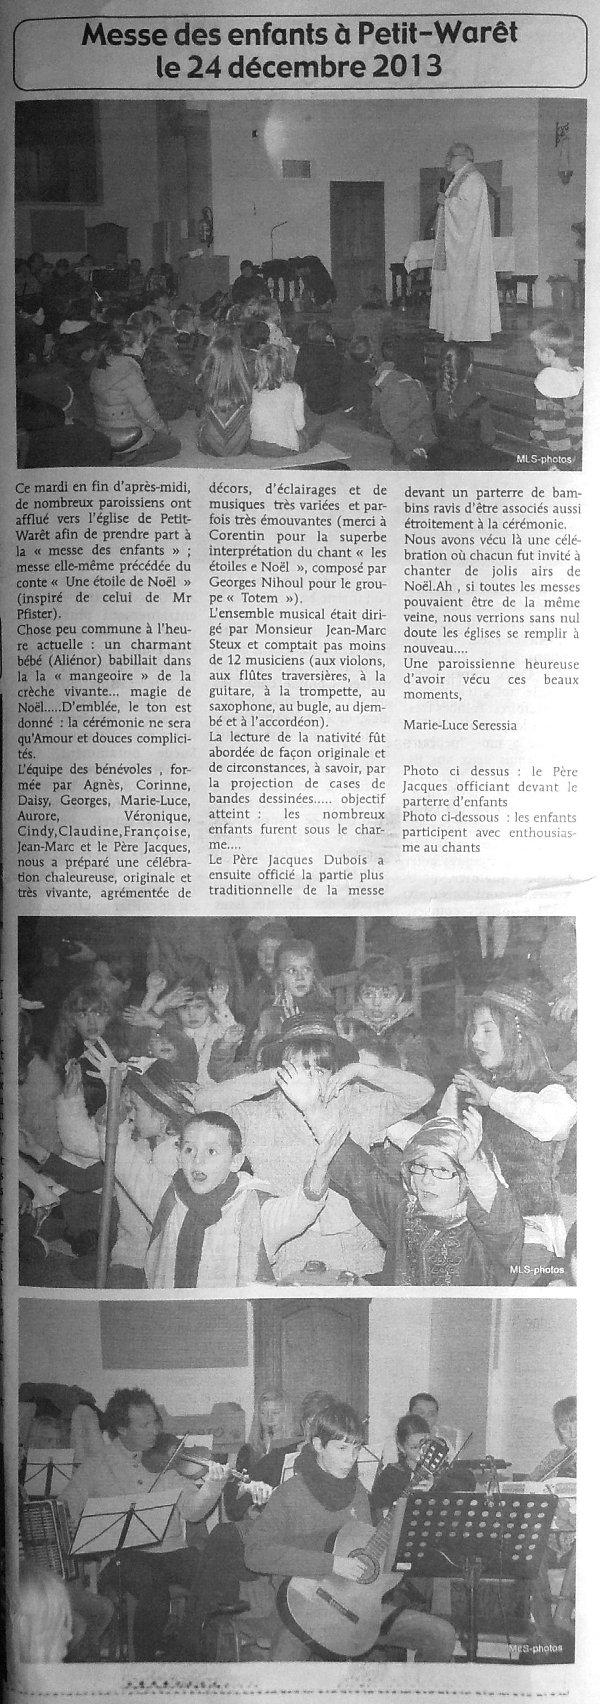 vie-mosane-2014-01-08